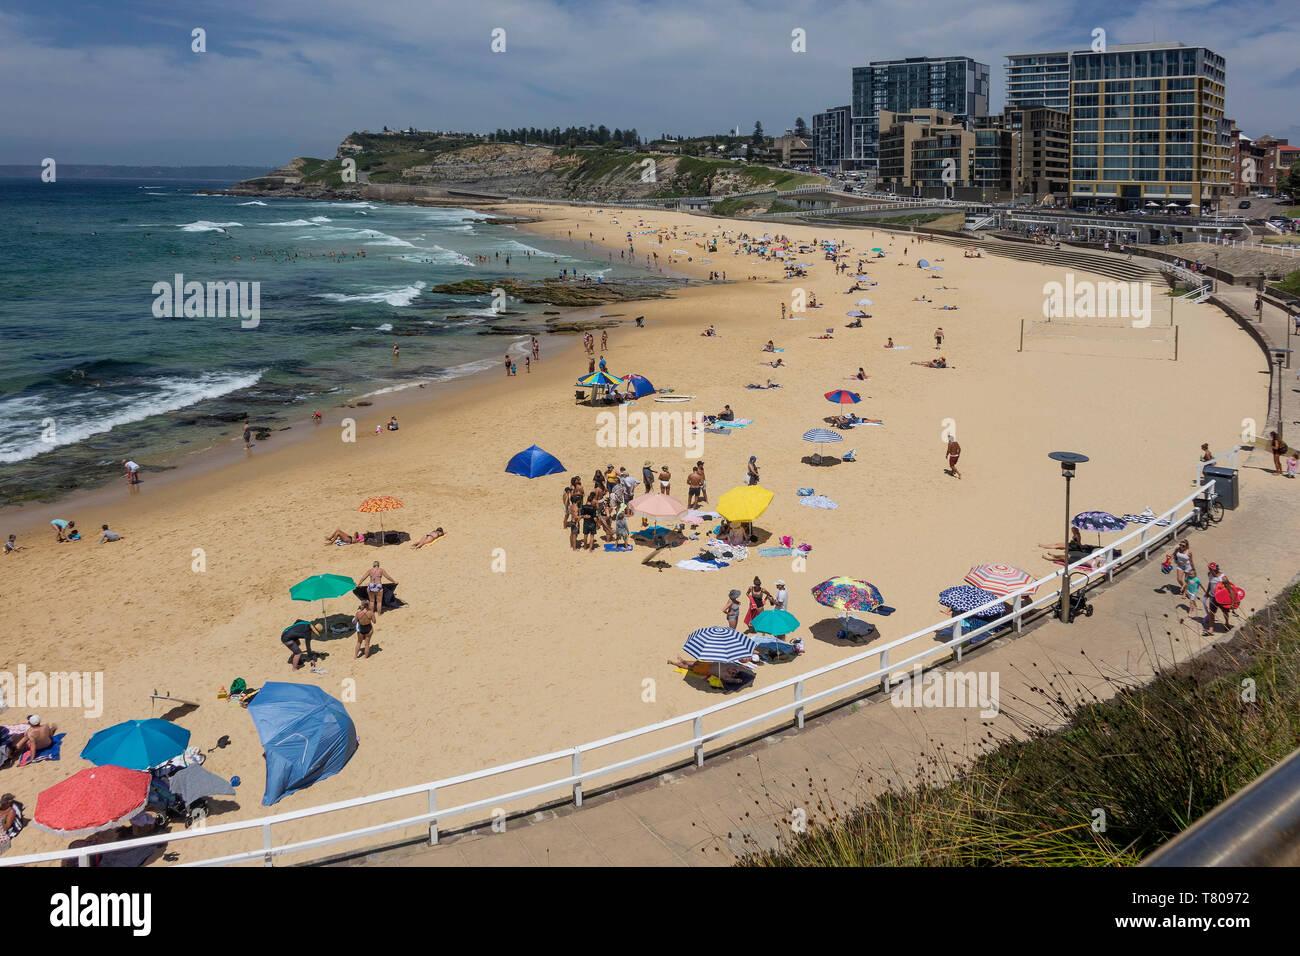 Playa de Newcastle, Newcastle, Nueva Gales del Sur, Australia, el Pacífico Foto de stock